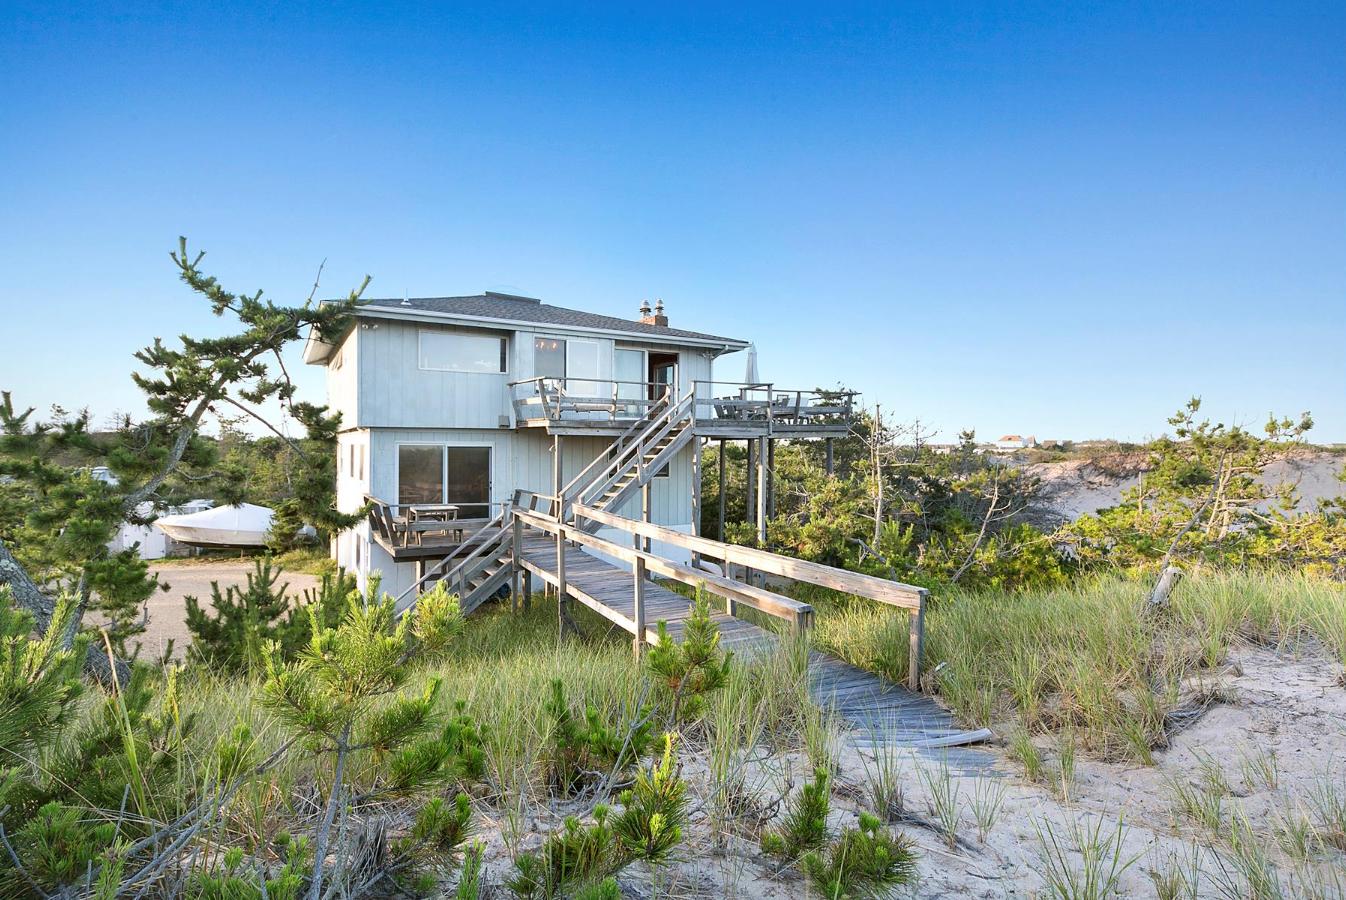 Featured Listing: Napeague Beachfront Compound of Famous Fashion Photographer Asks $12.5 Million